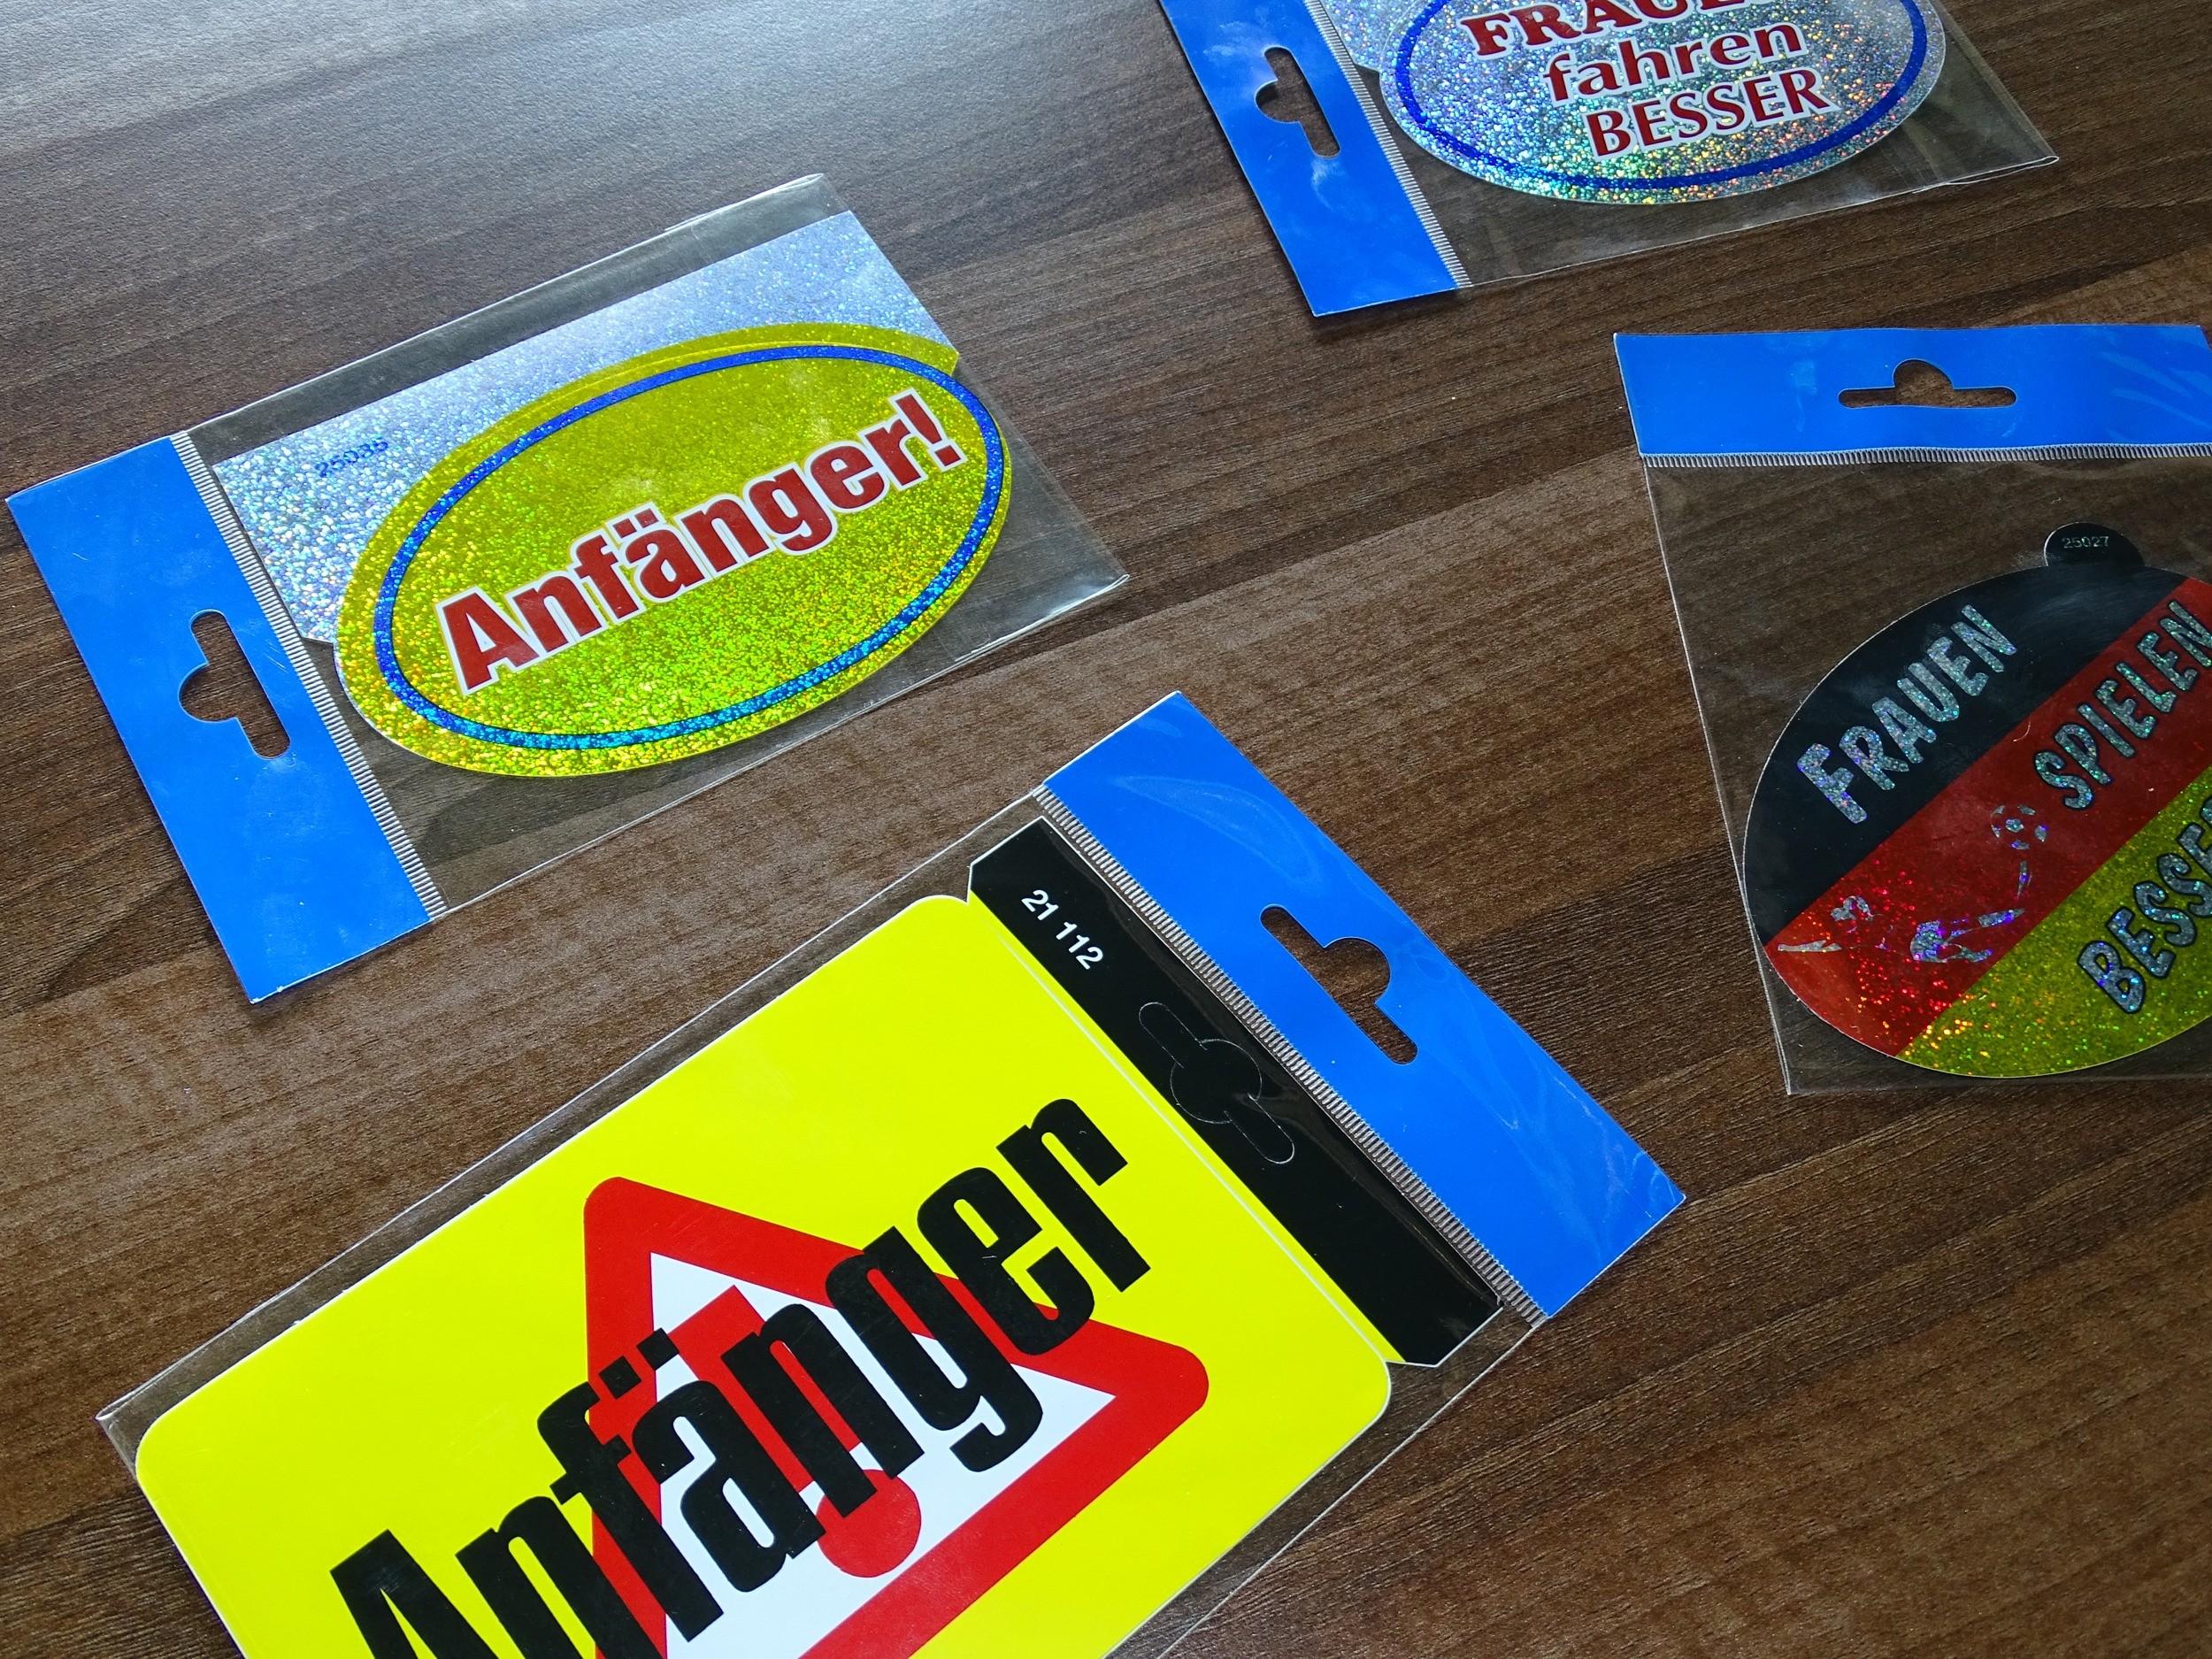 Sticker Frauen fahren besser holography – Bild 4